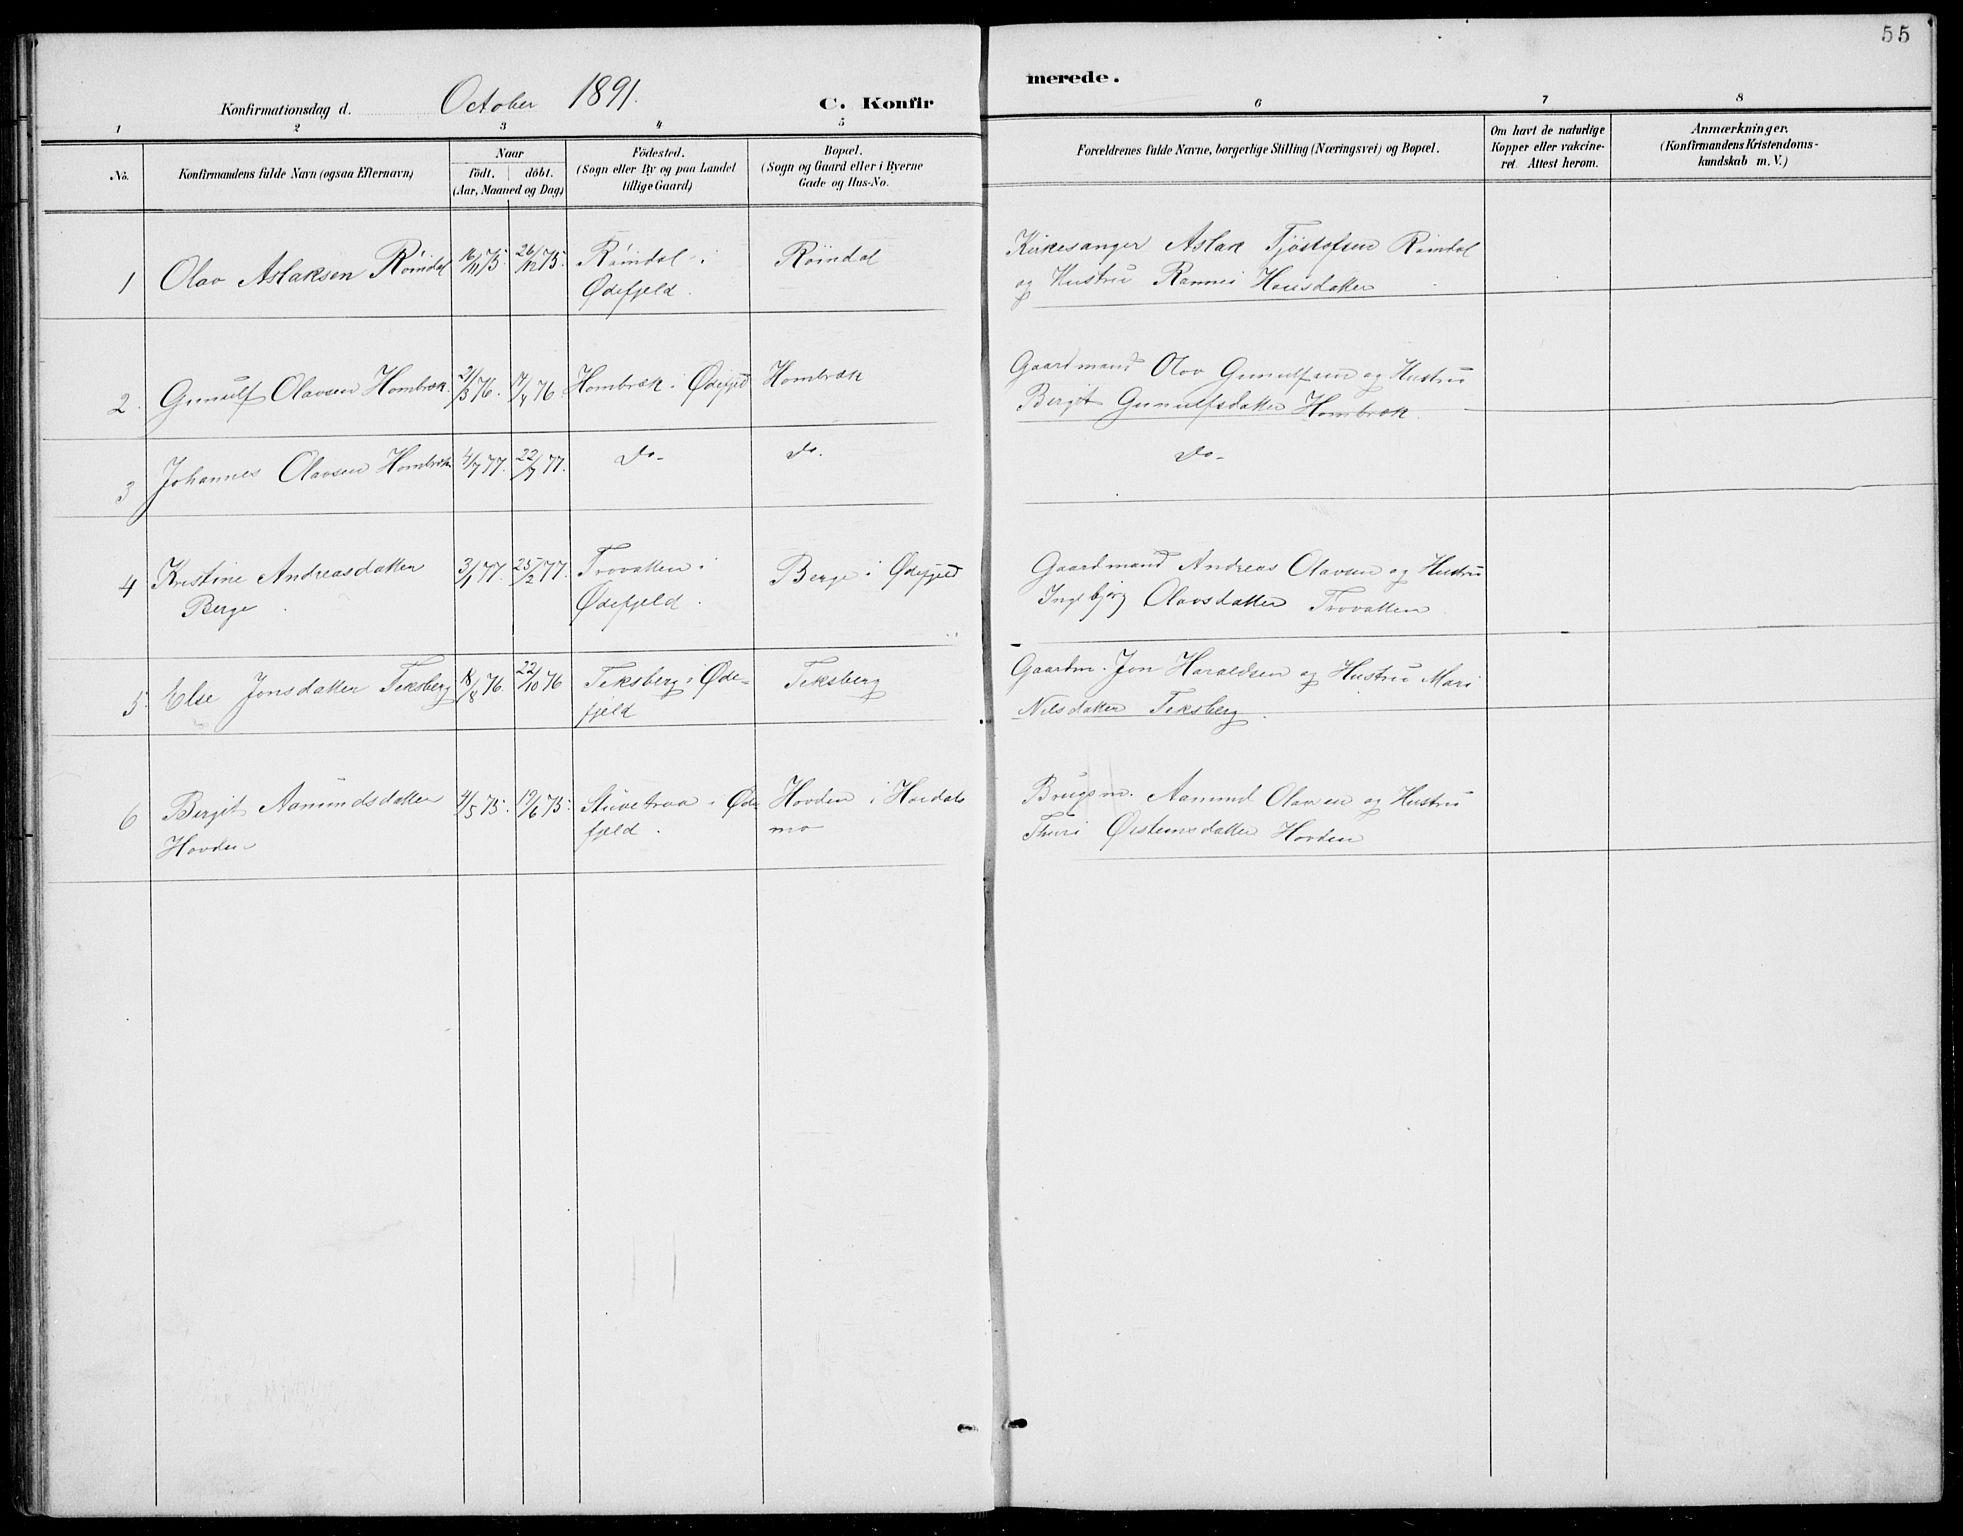 SAKO, Rauland kirkebøker, G/Gb/L0002: Klokkerbok nr. II 2, 1887-1937, s. 55